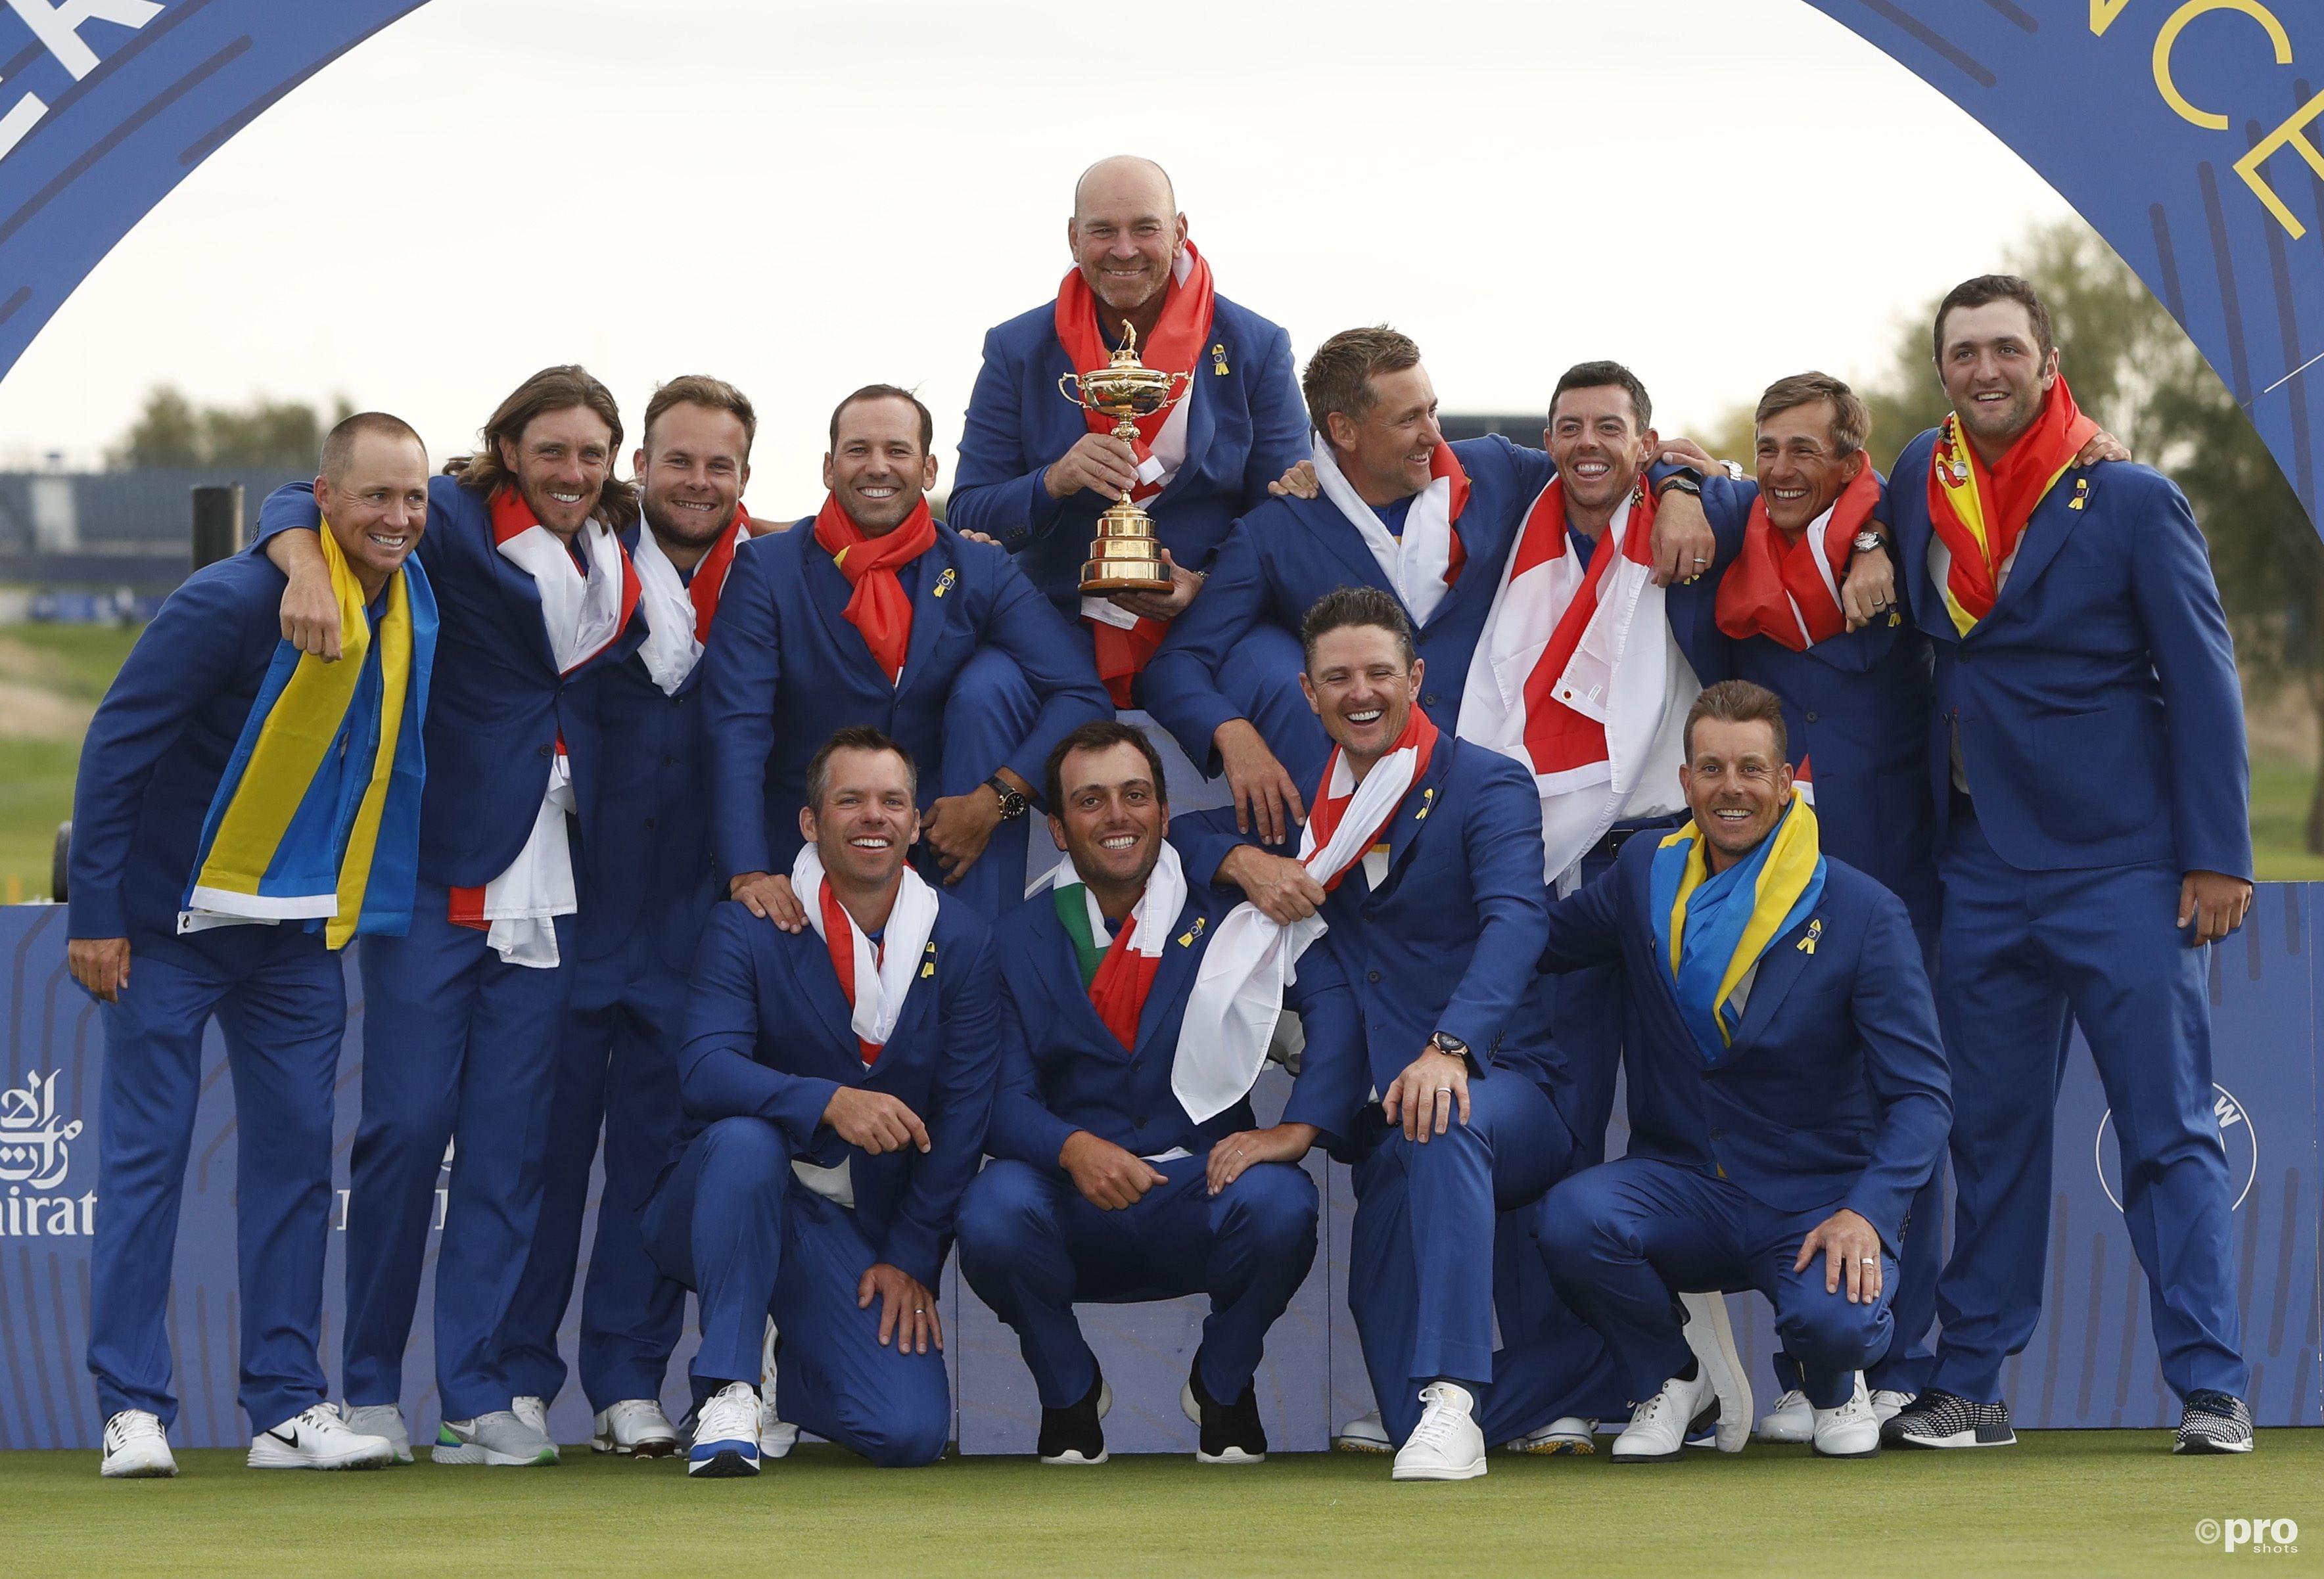 Europa wint de Ryder Cup! (PRO SHOTS/Action Images)